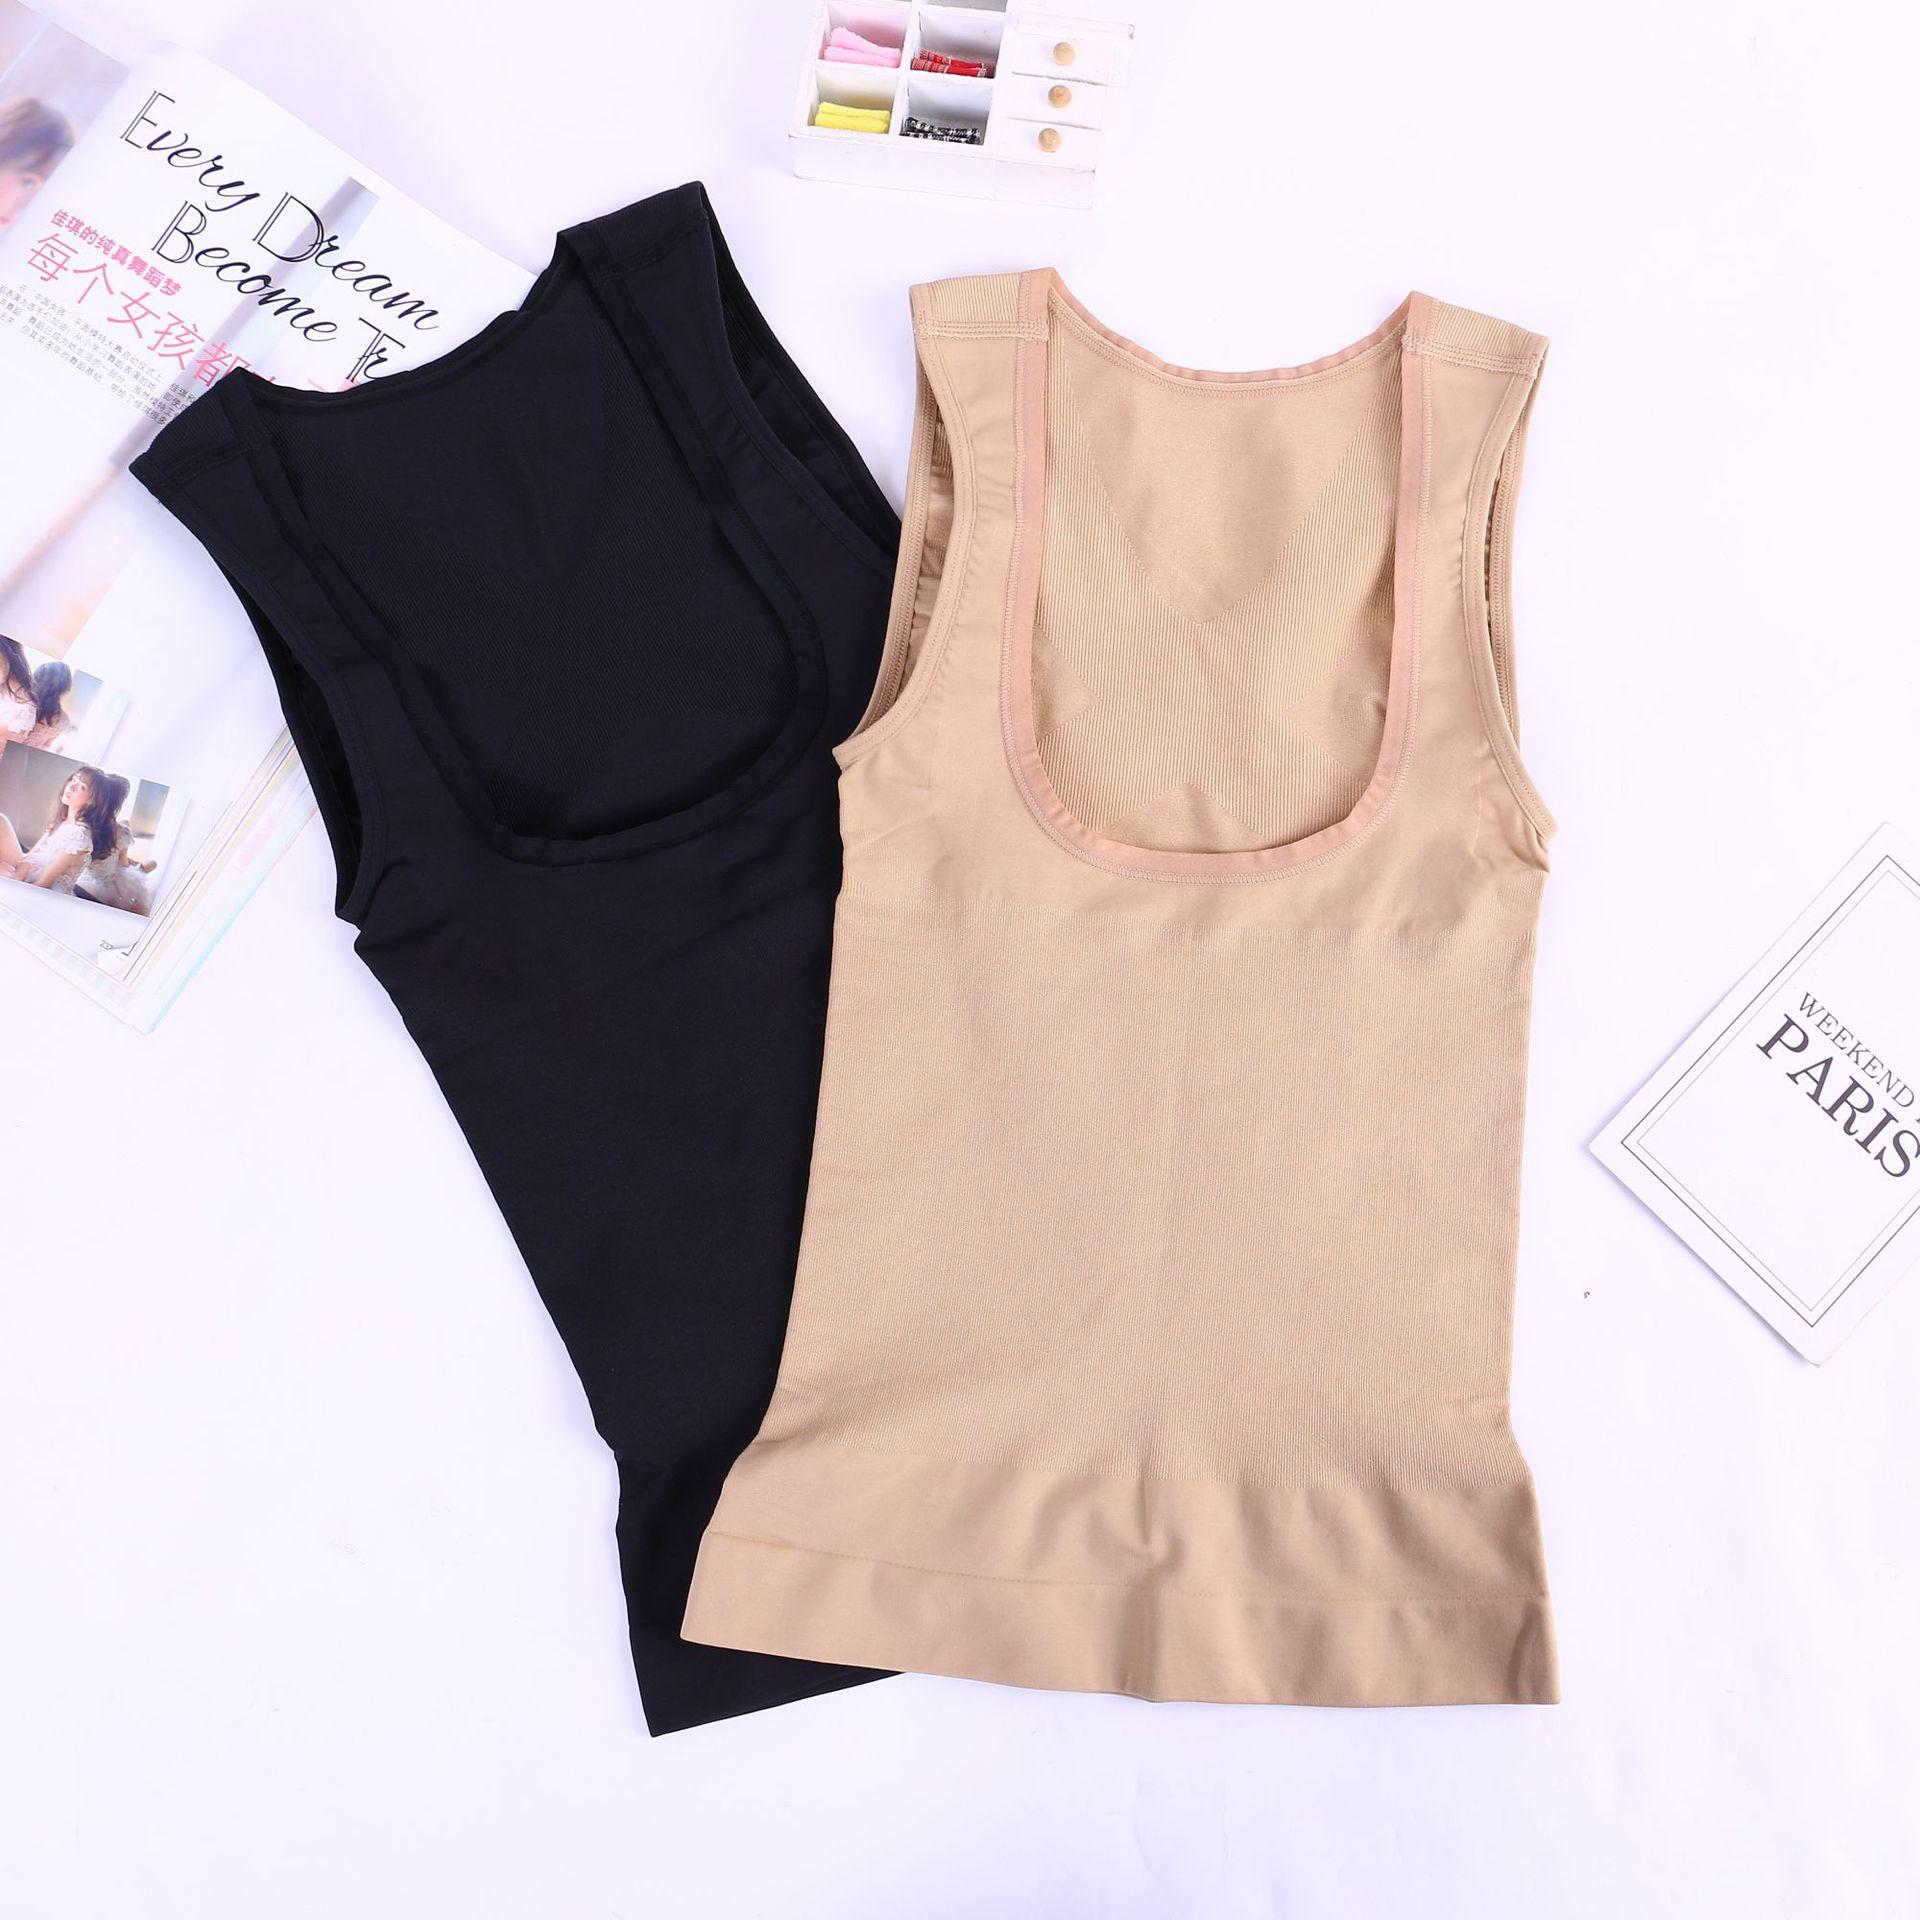 新款美体塑身背心 产后收腹美背托胸修身无缝女背心 跨境货源批发